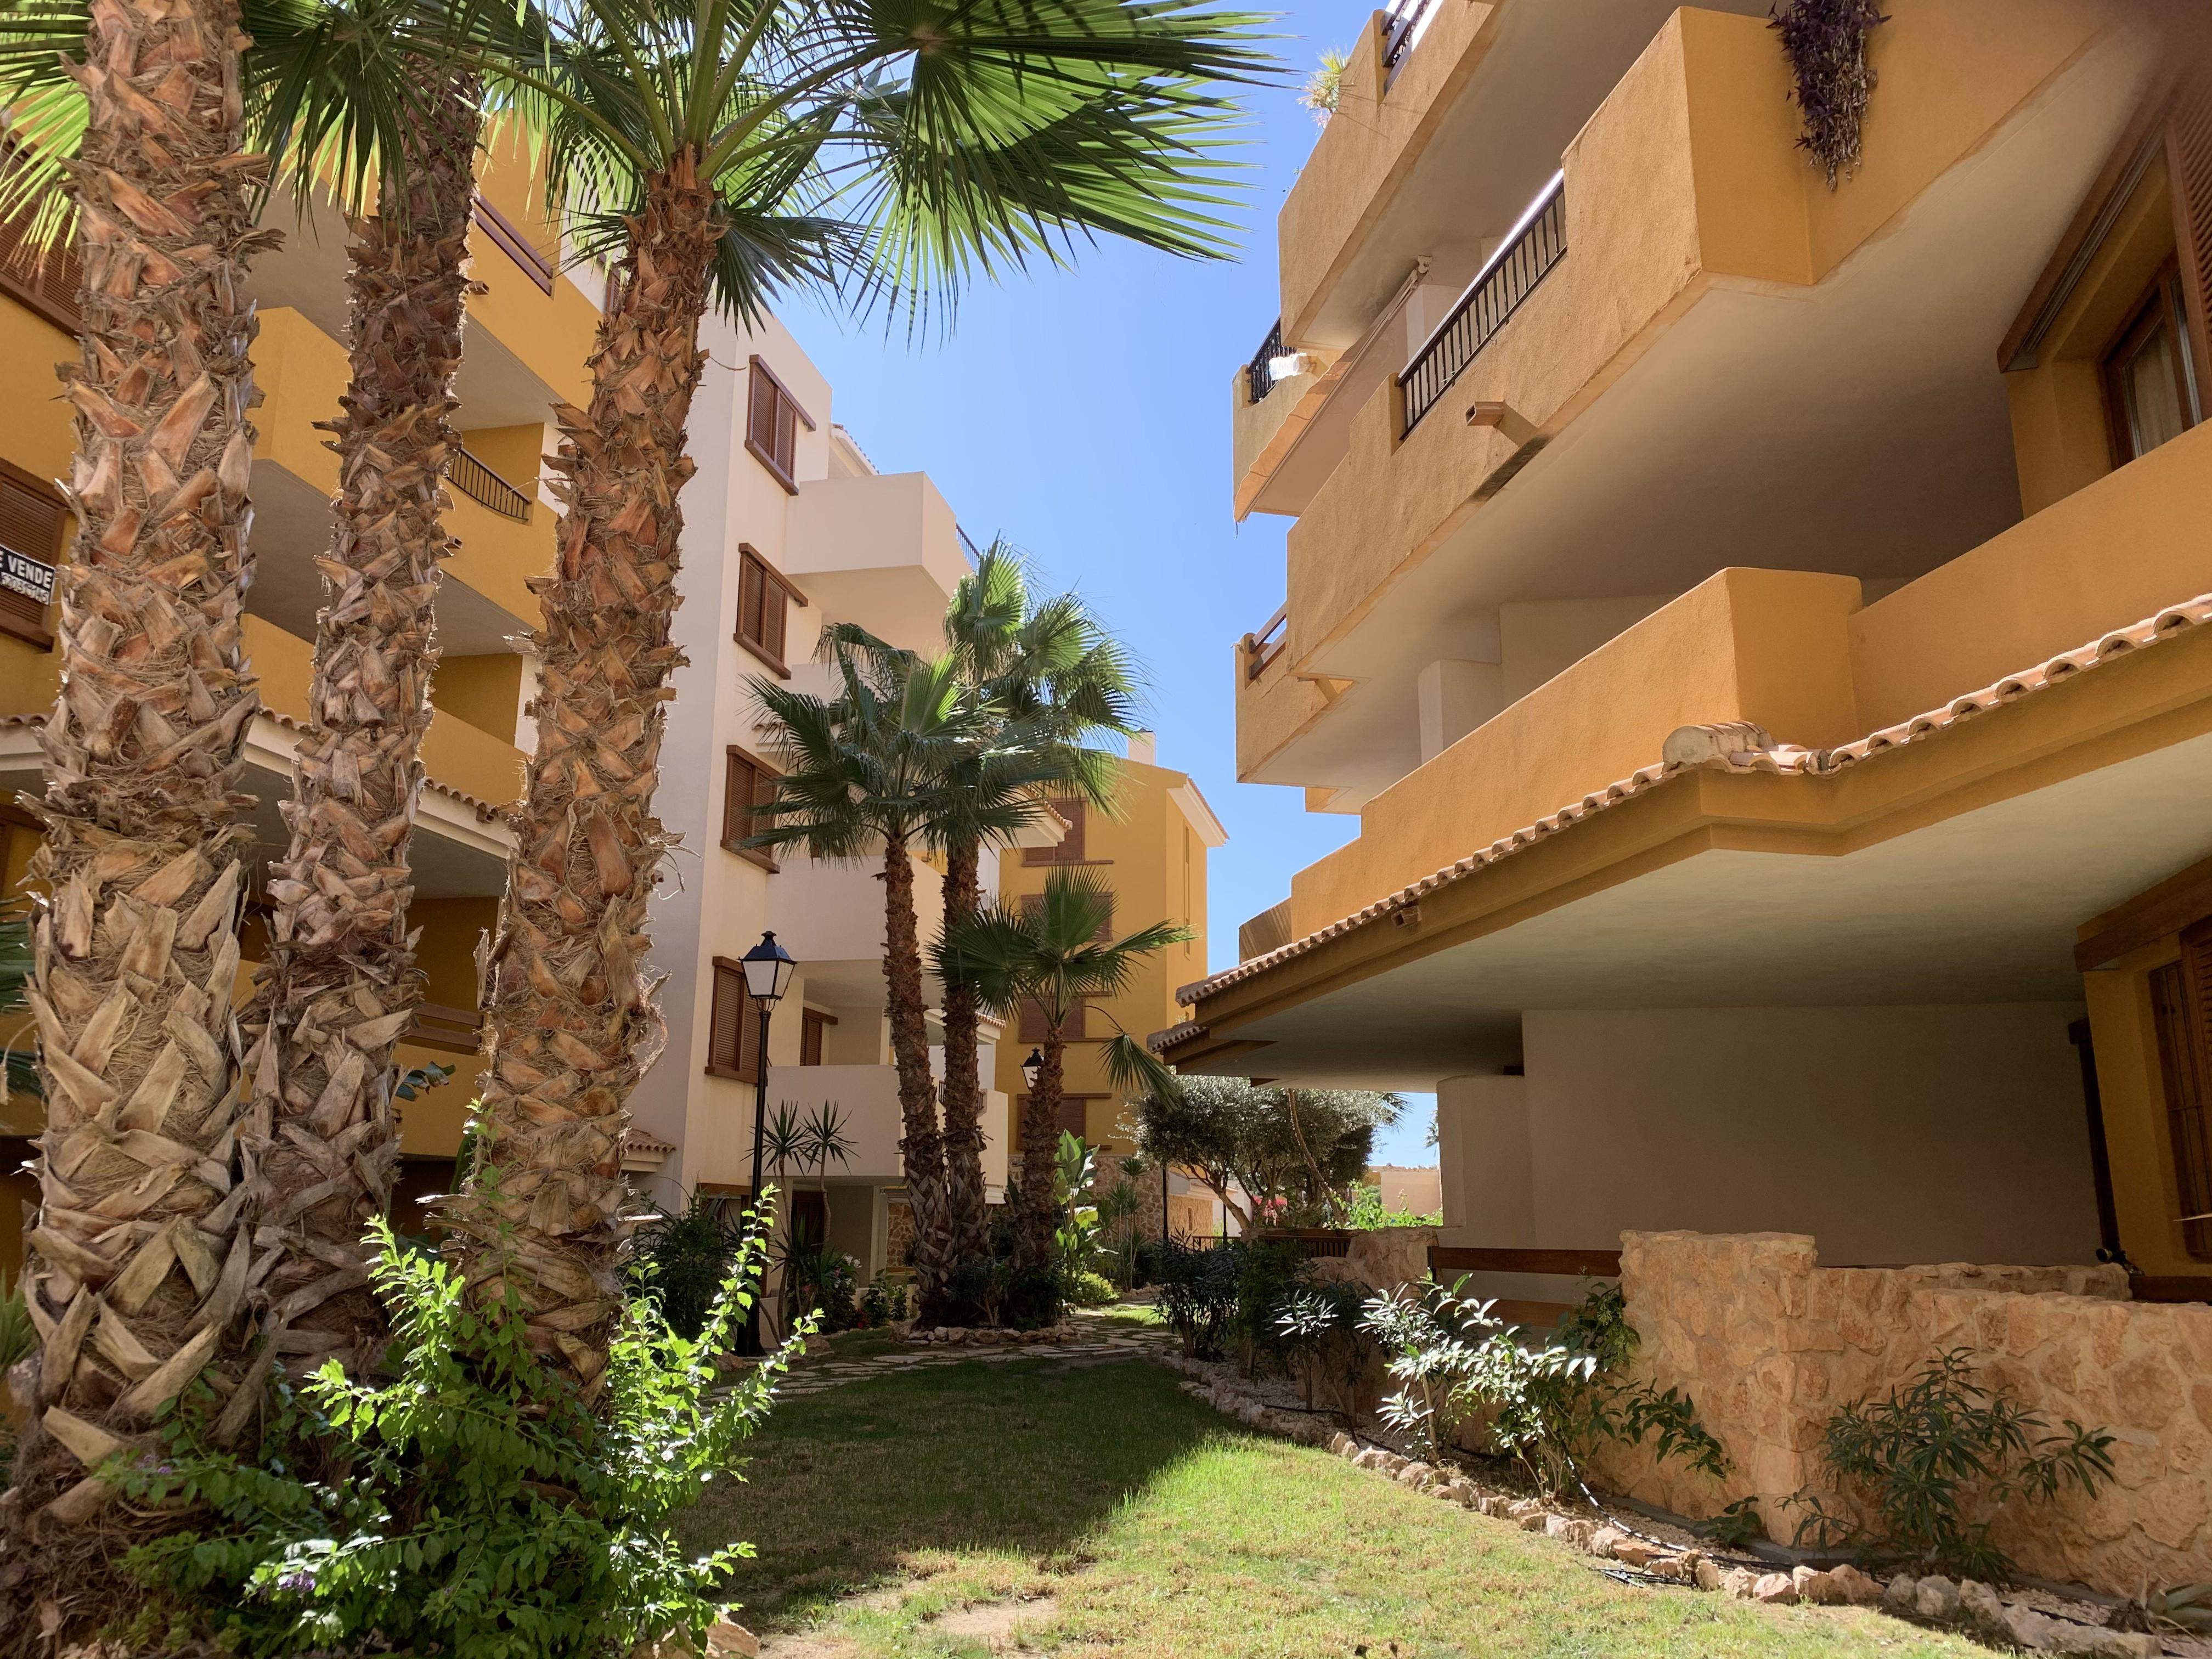 Costa Blanca Zuid - De vastgoedmarkt